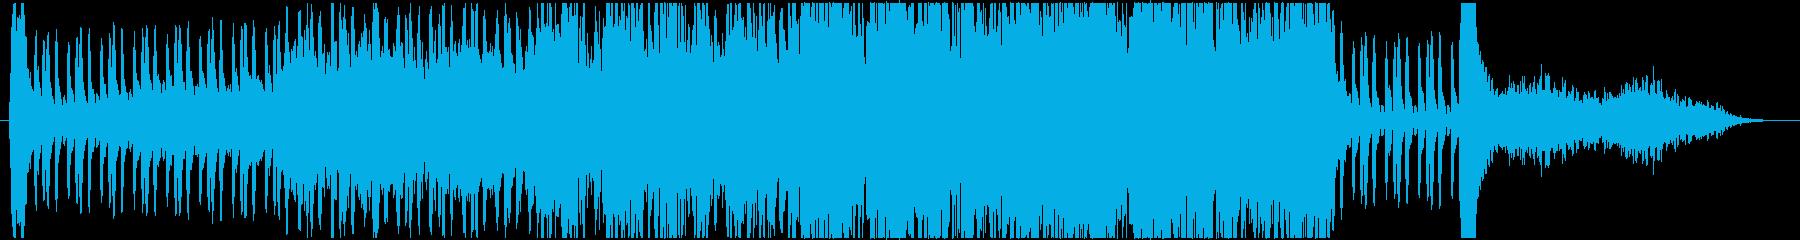 モダン テクノ ハードコア 実験的...の再生済みの波形